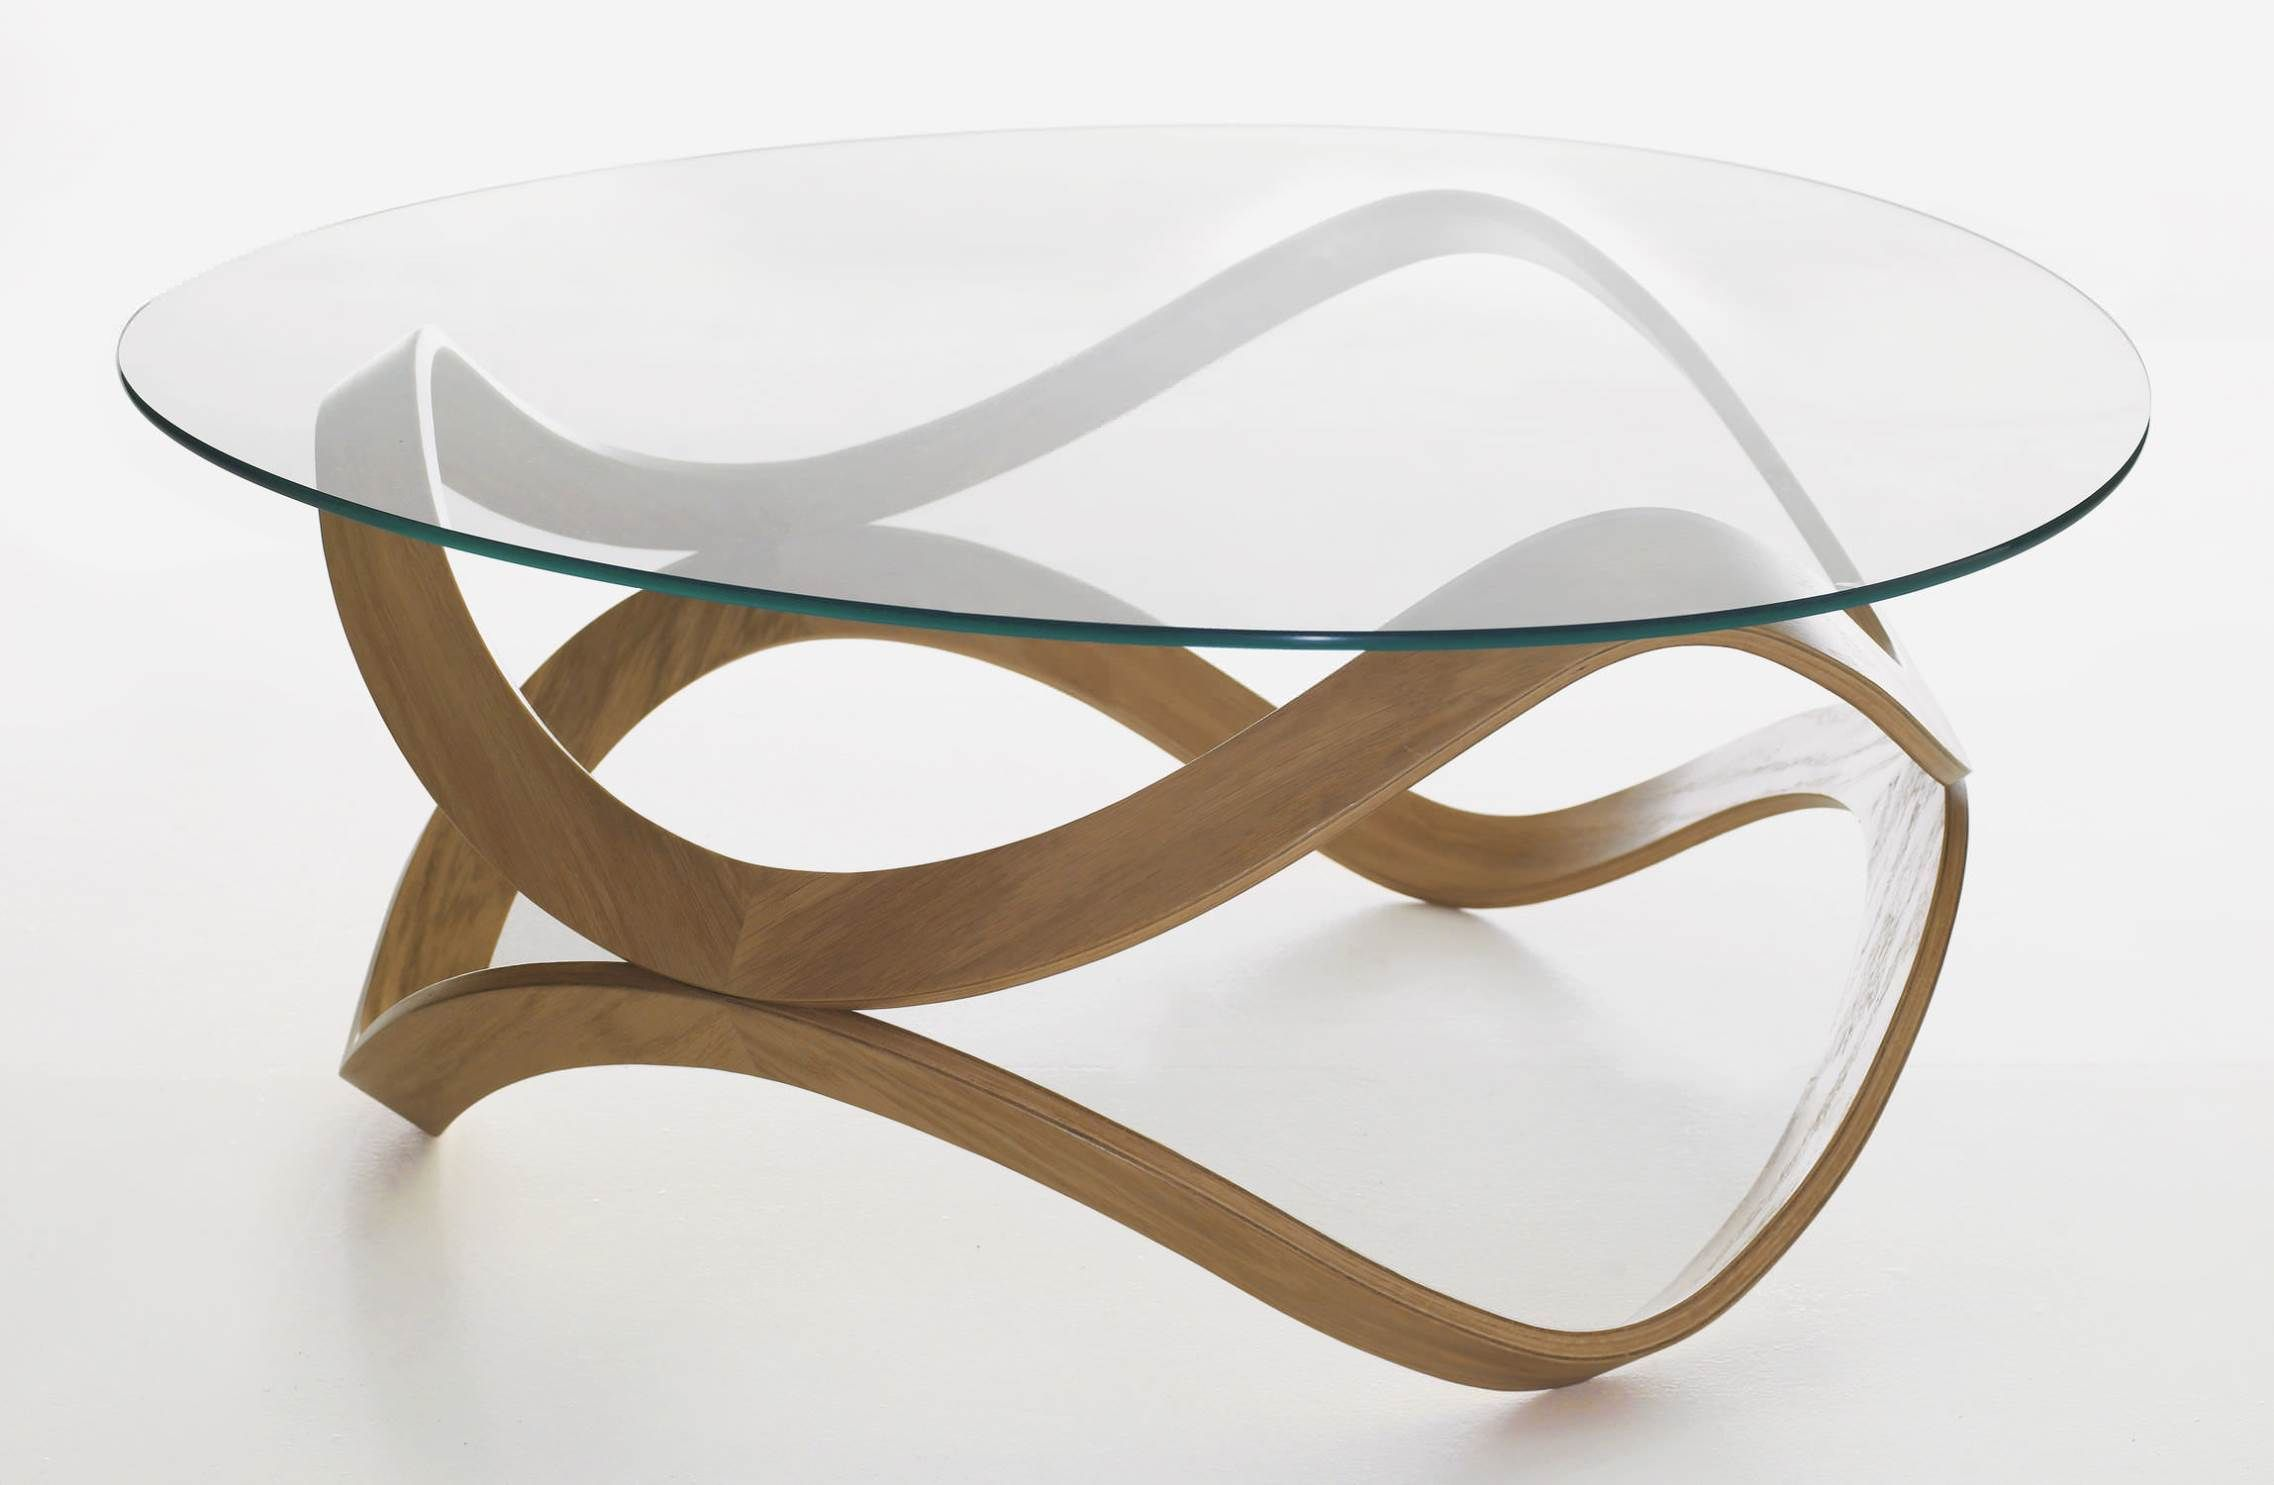 IKEA Glas Couchtisch Ideen Fr Wohnzimmer